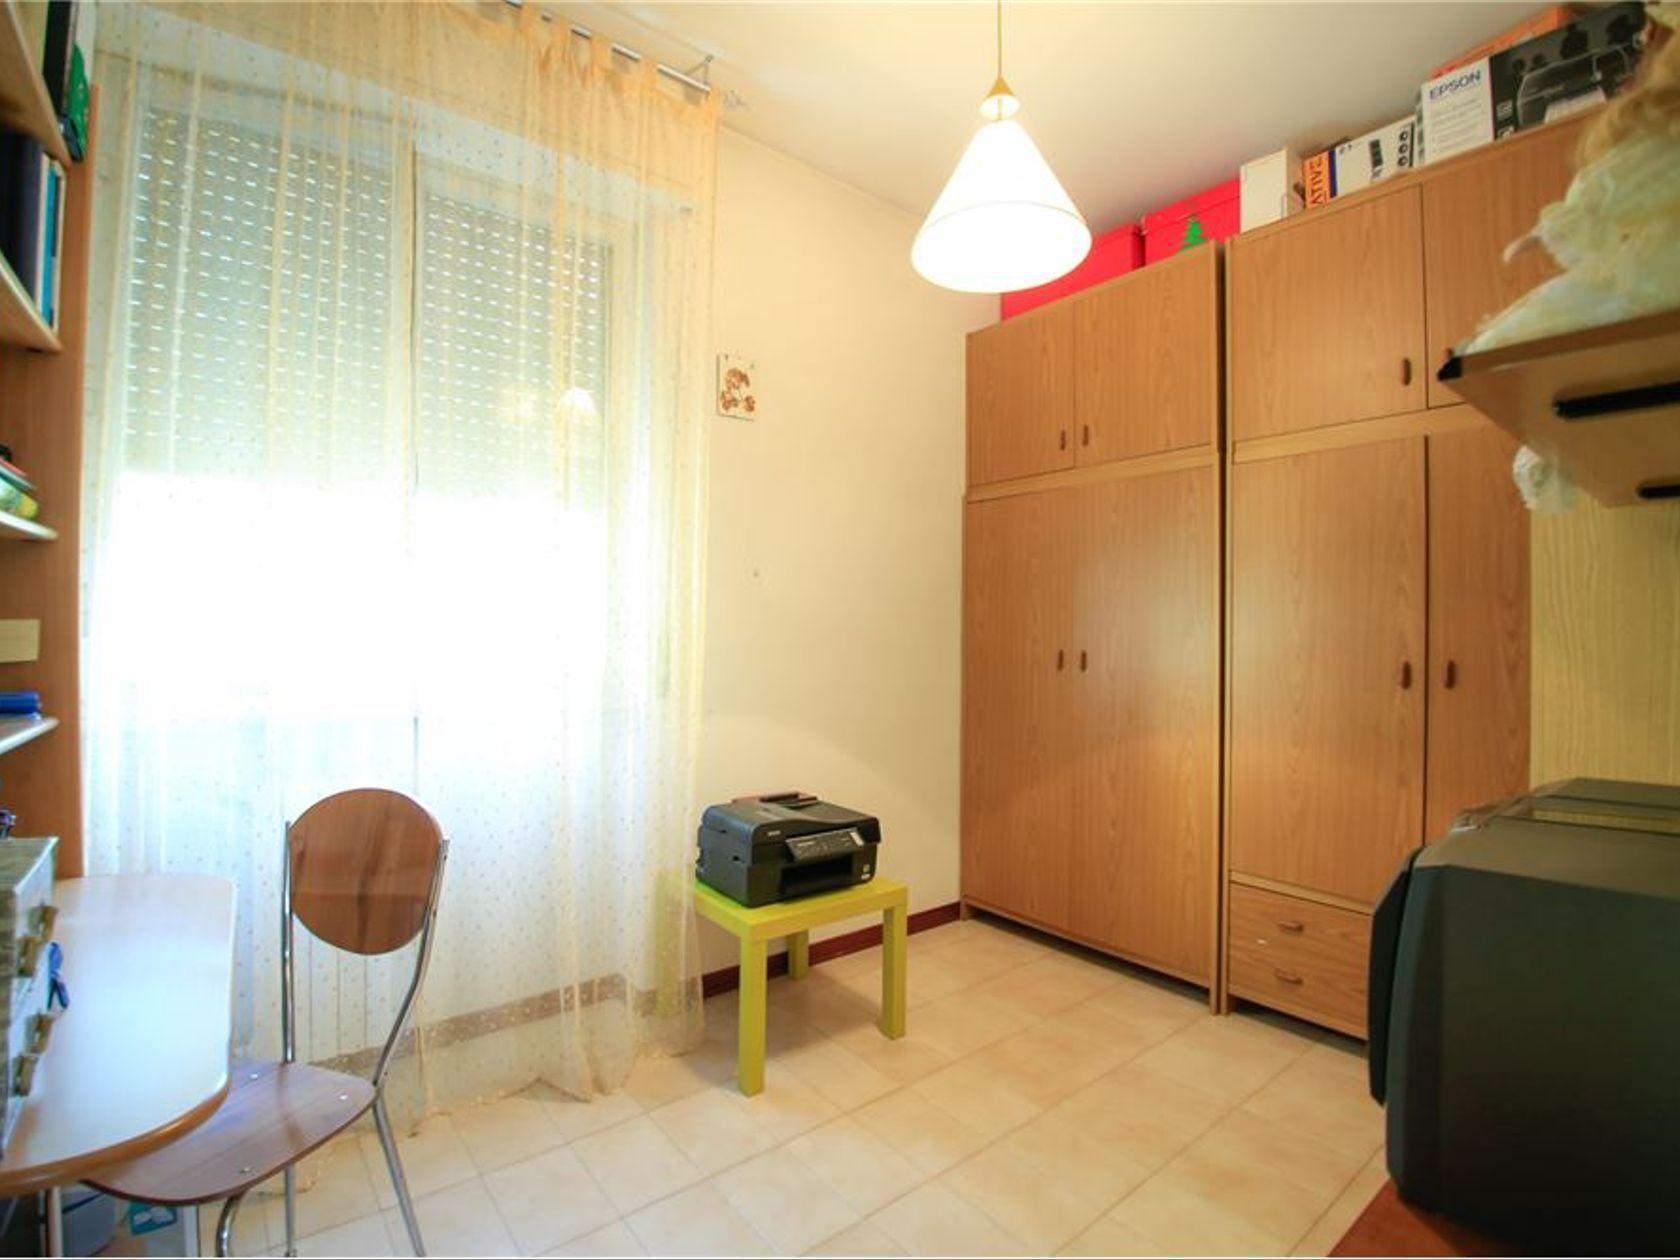 Appartamento Stazione, Chieti, CH Vendita - Foto 4